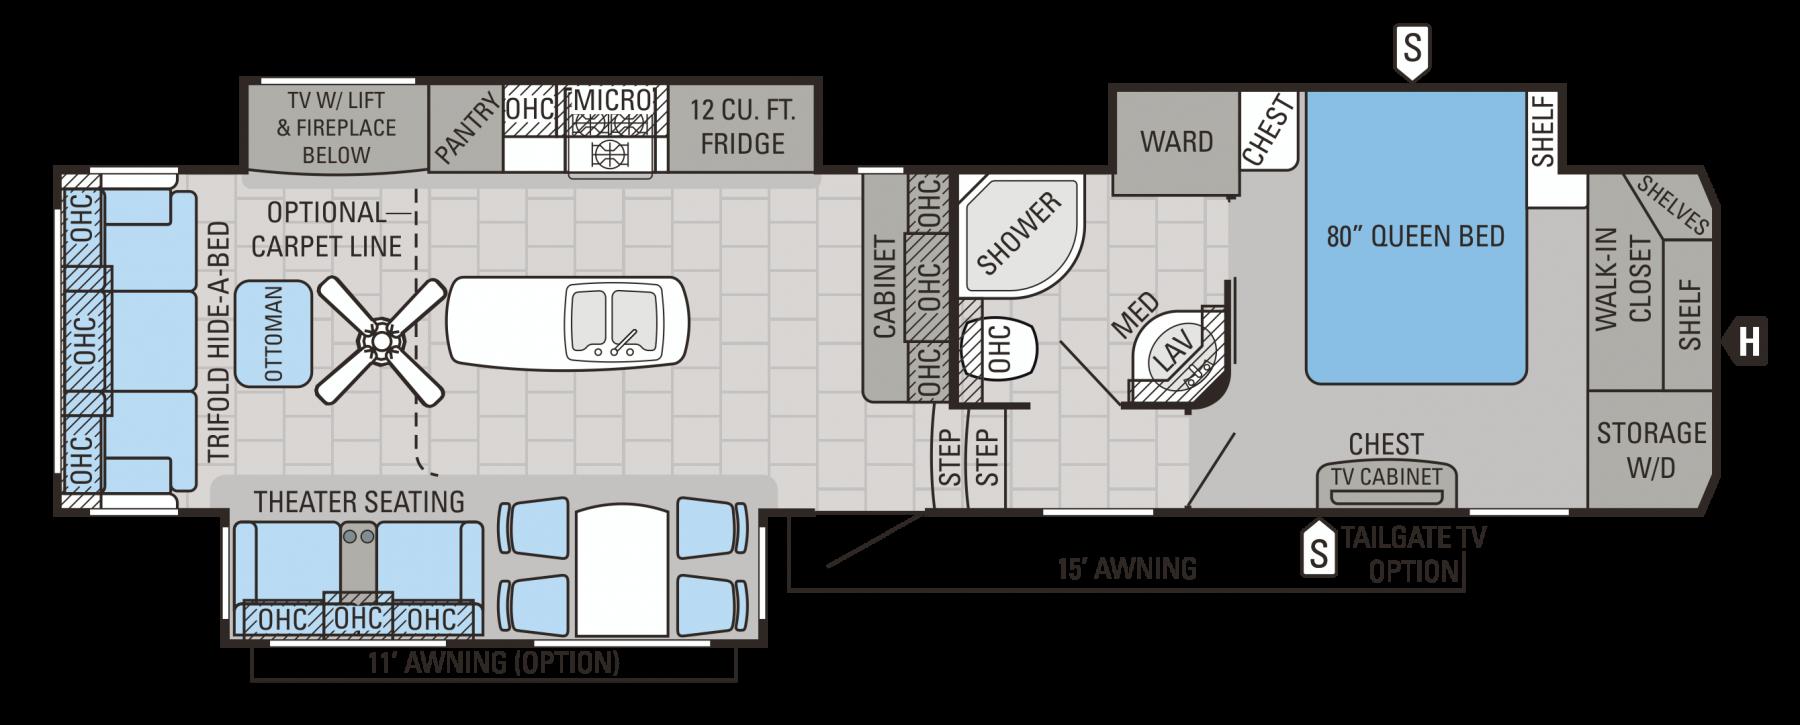 341RLTS Floorplan